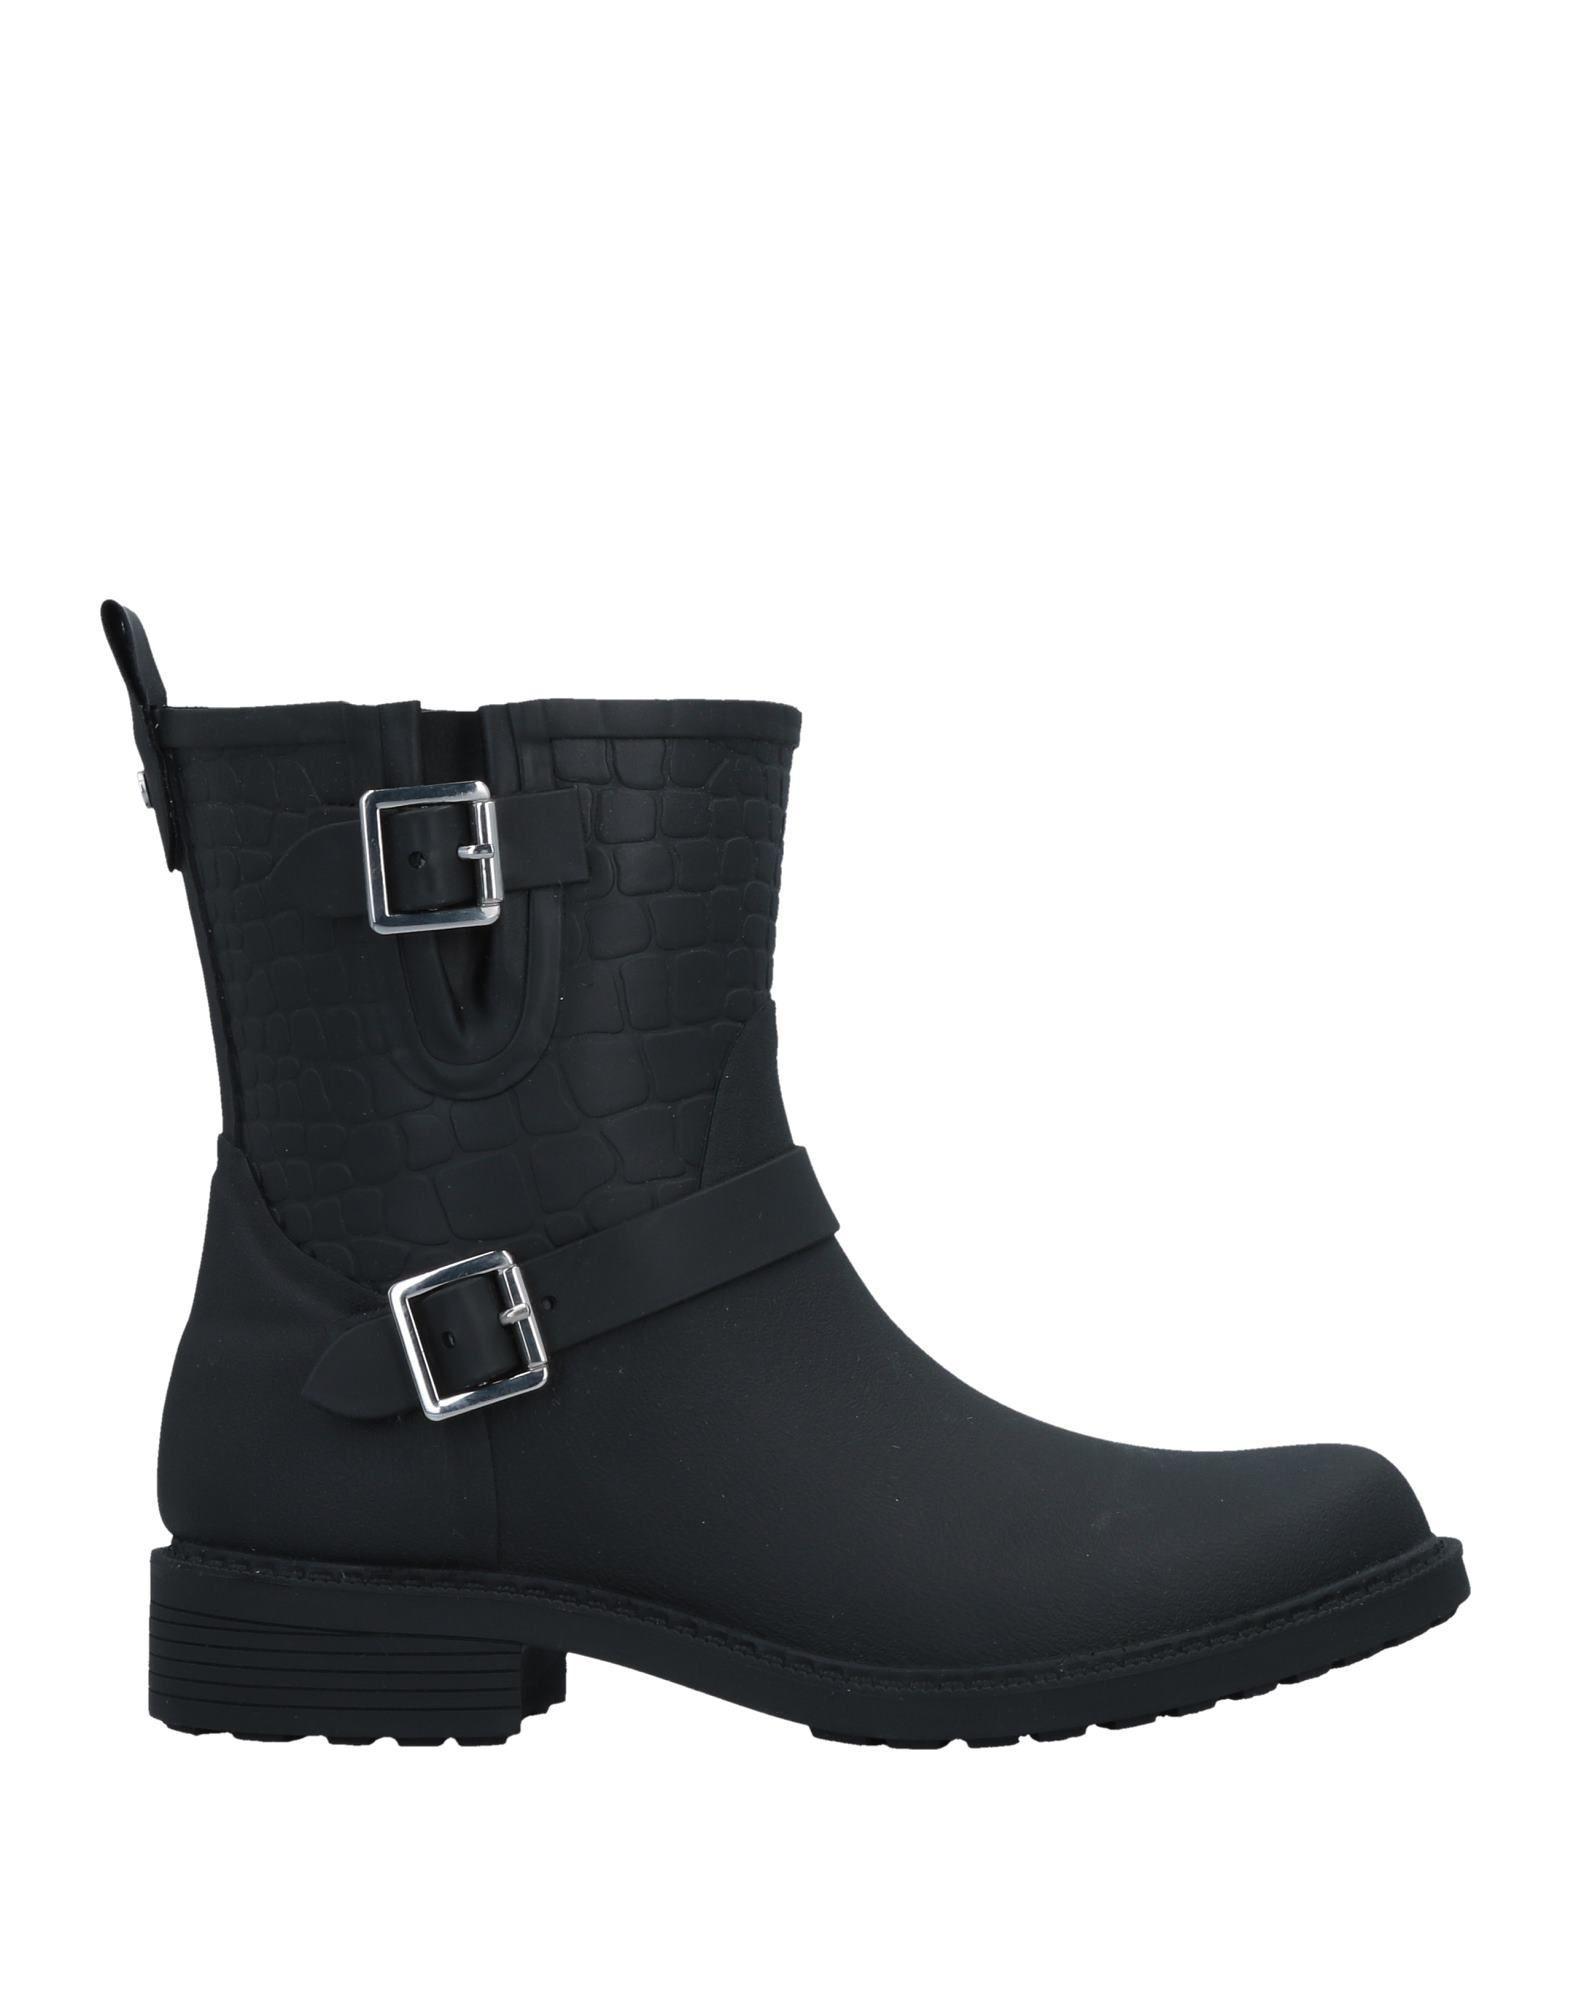 Sam Edelman Ankle Boot In Black